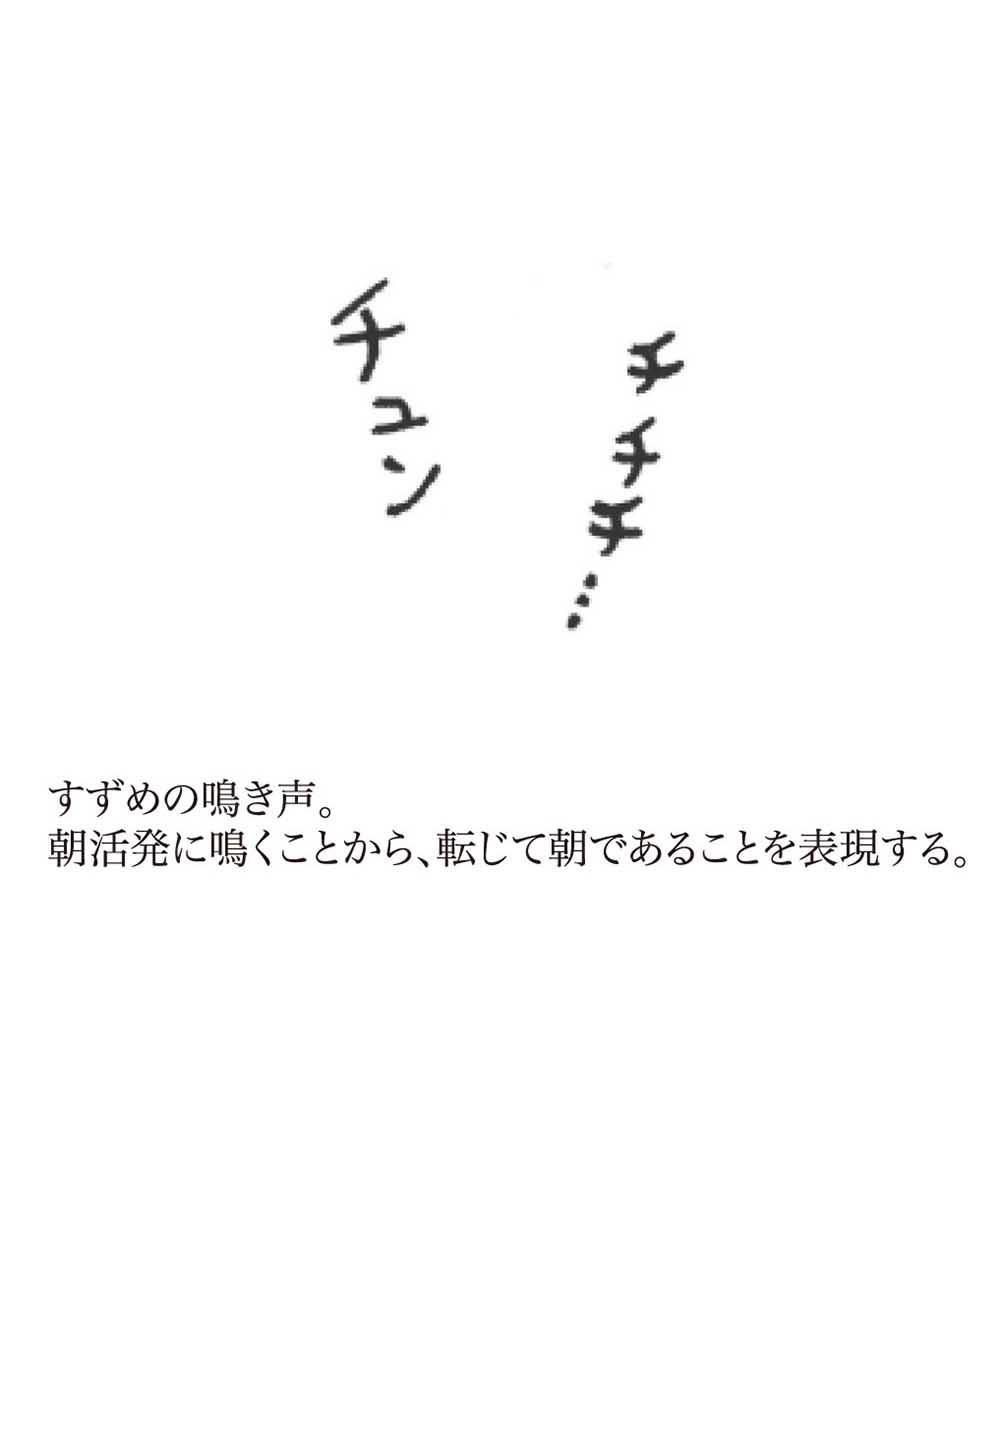 05-1.jpg